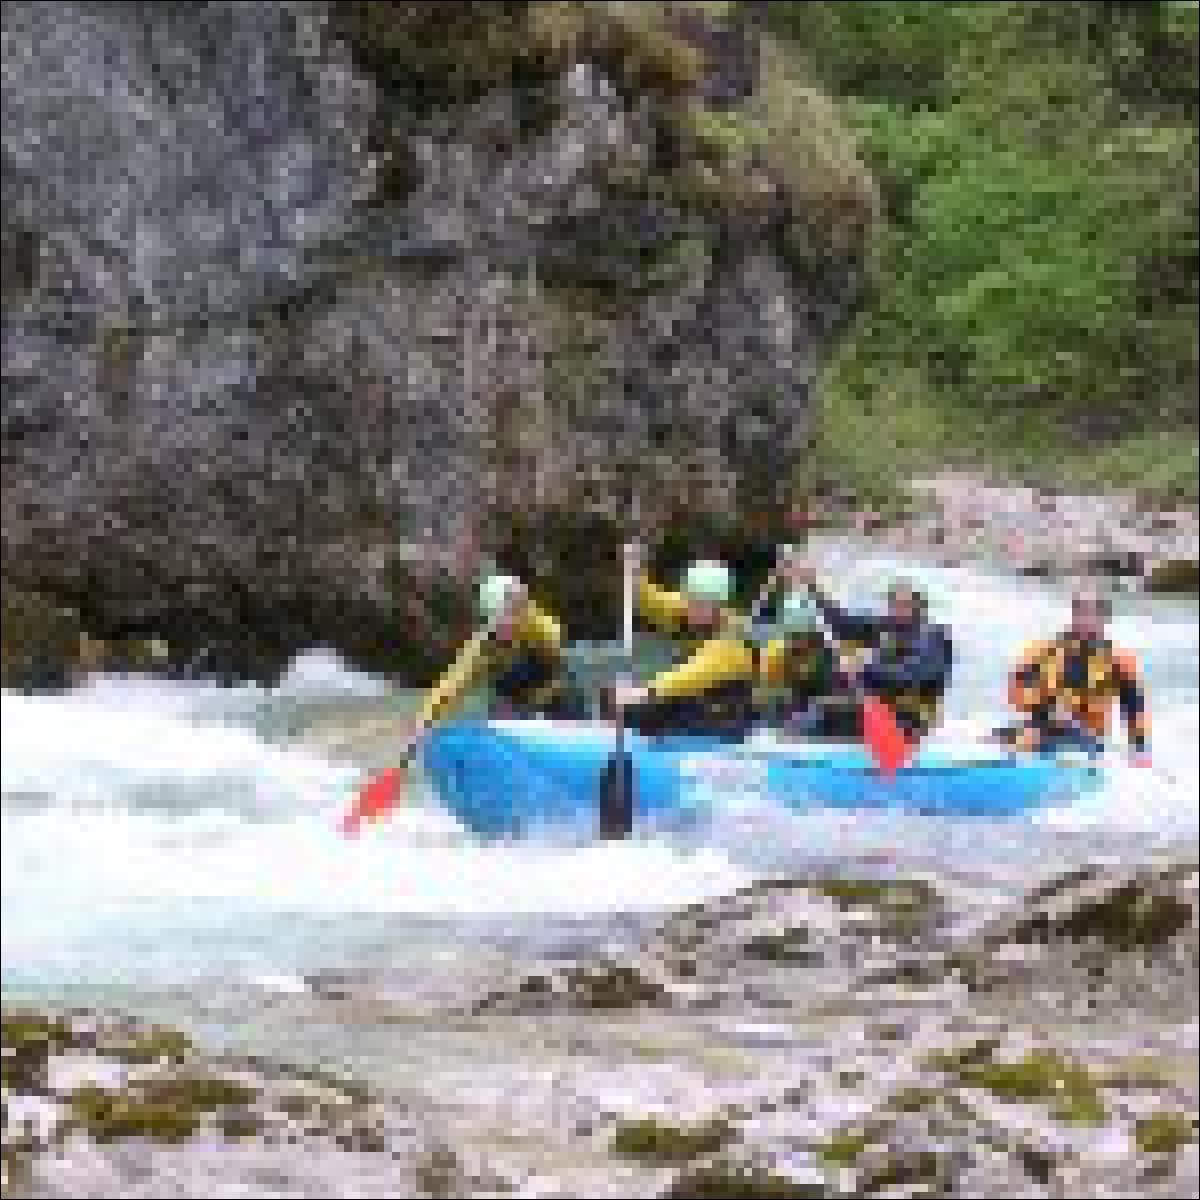 Rafting im Riesengebirge - eine der unzähligen Möglichkeiten